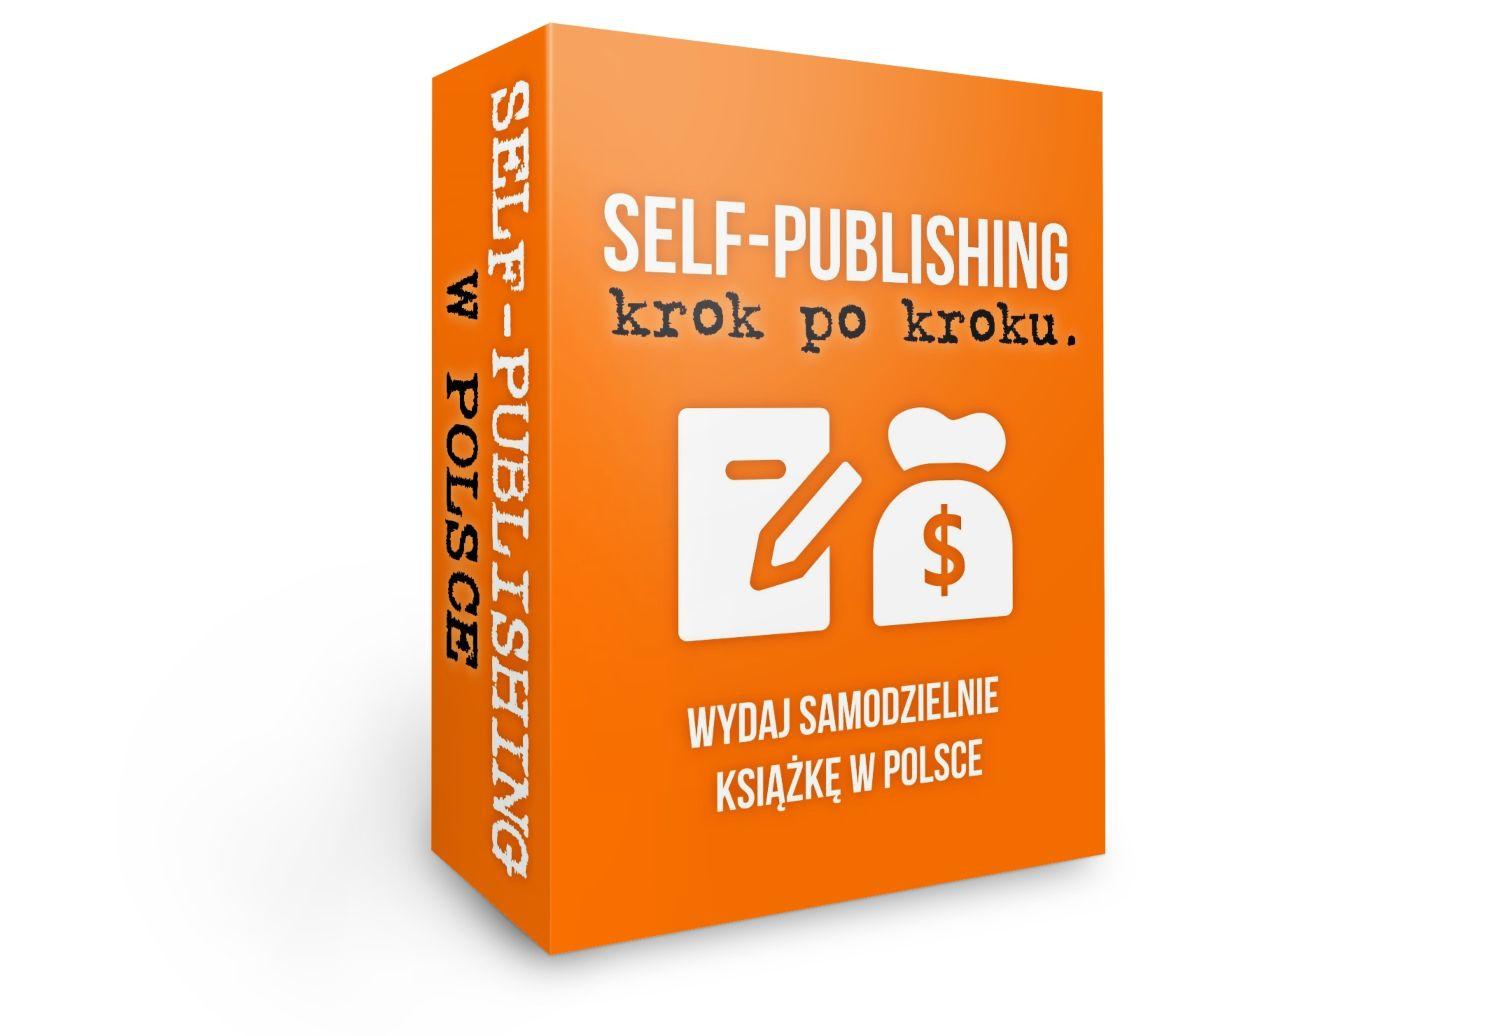 Kurs self-publishing krok po krok w Polsce